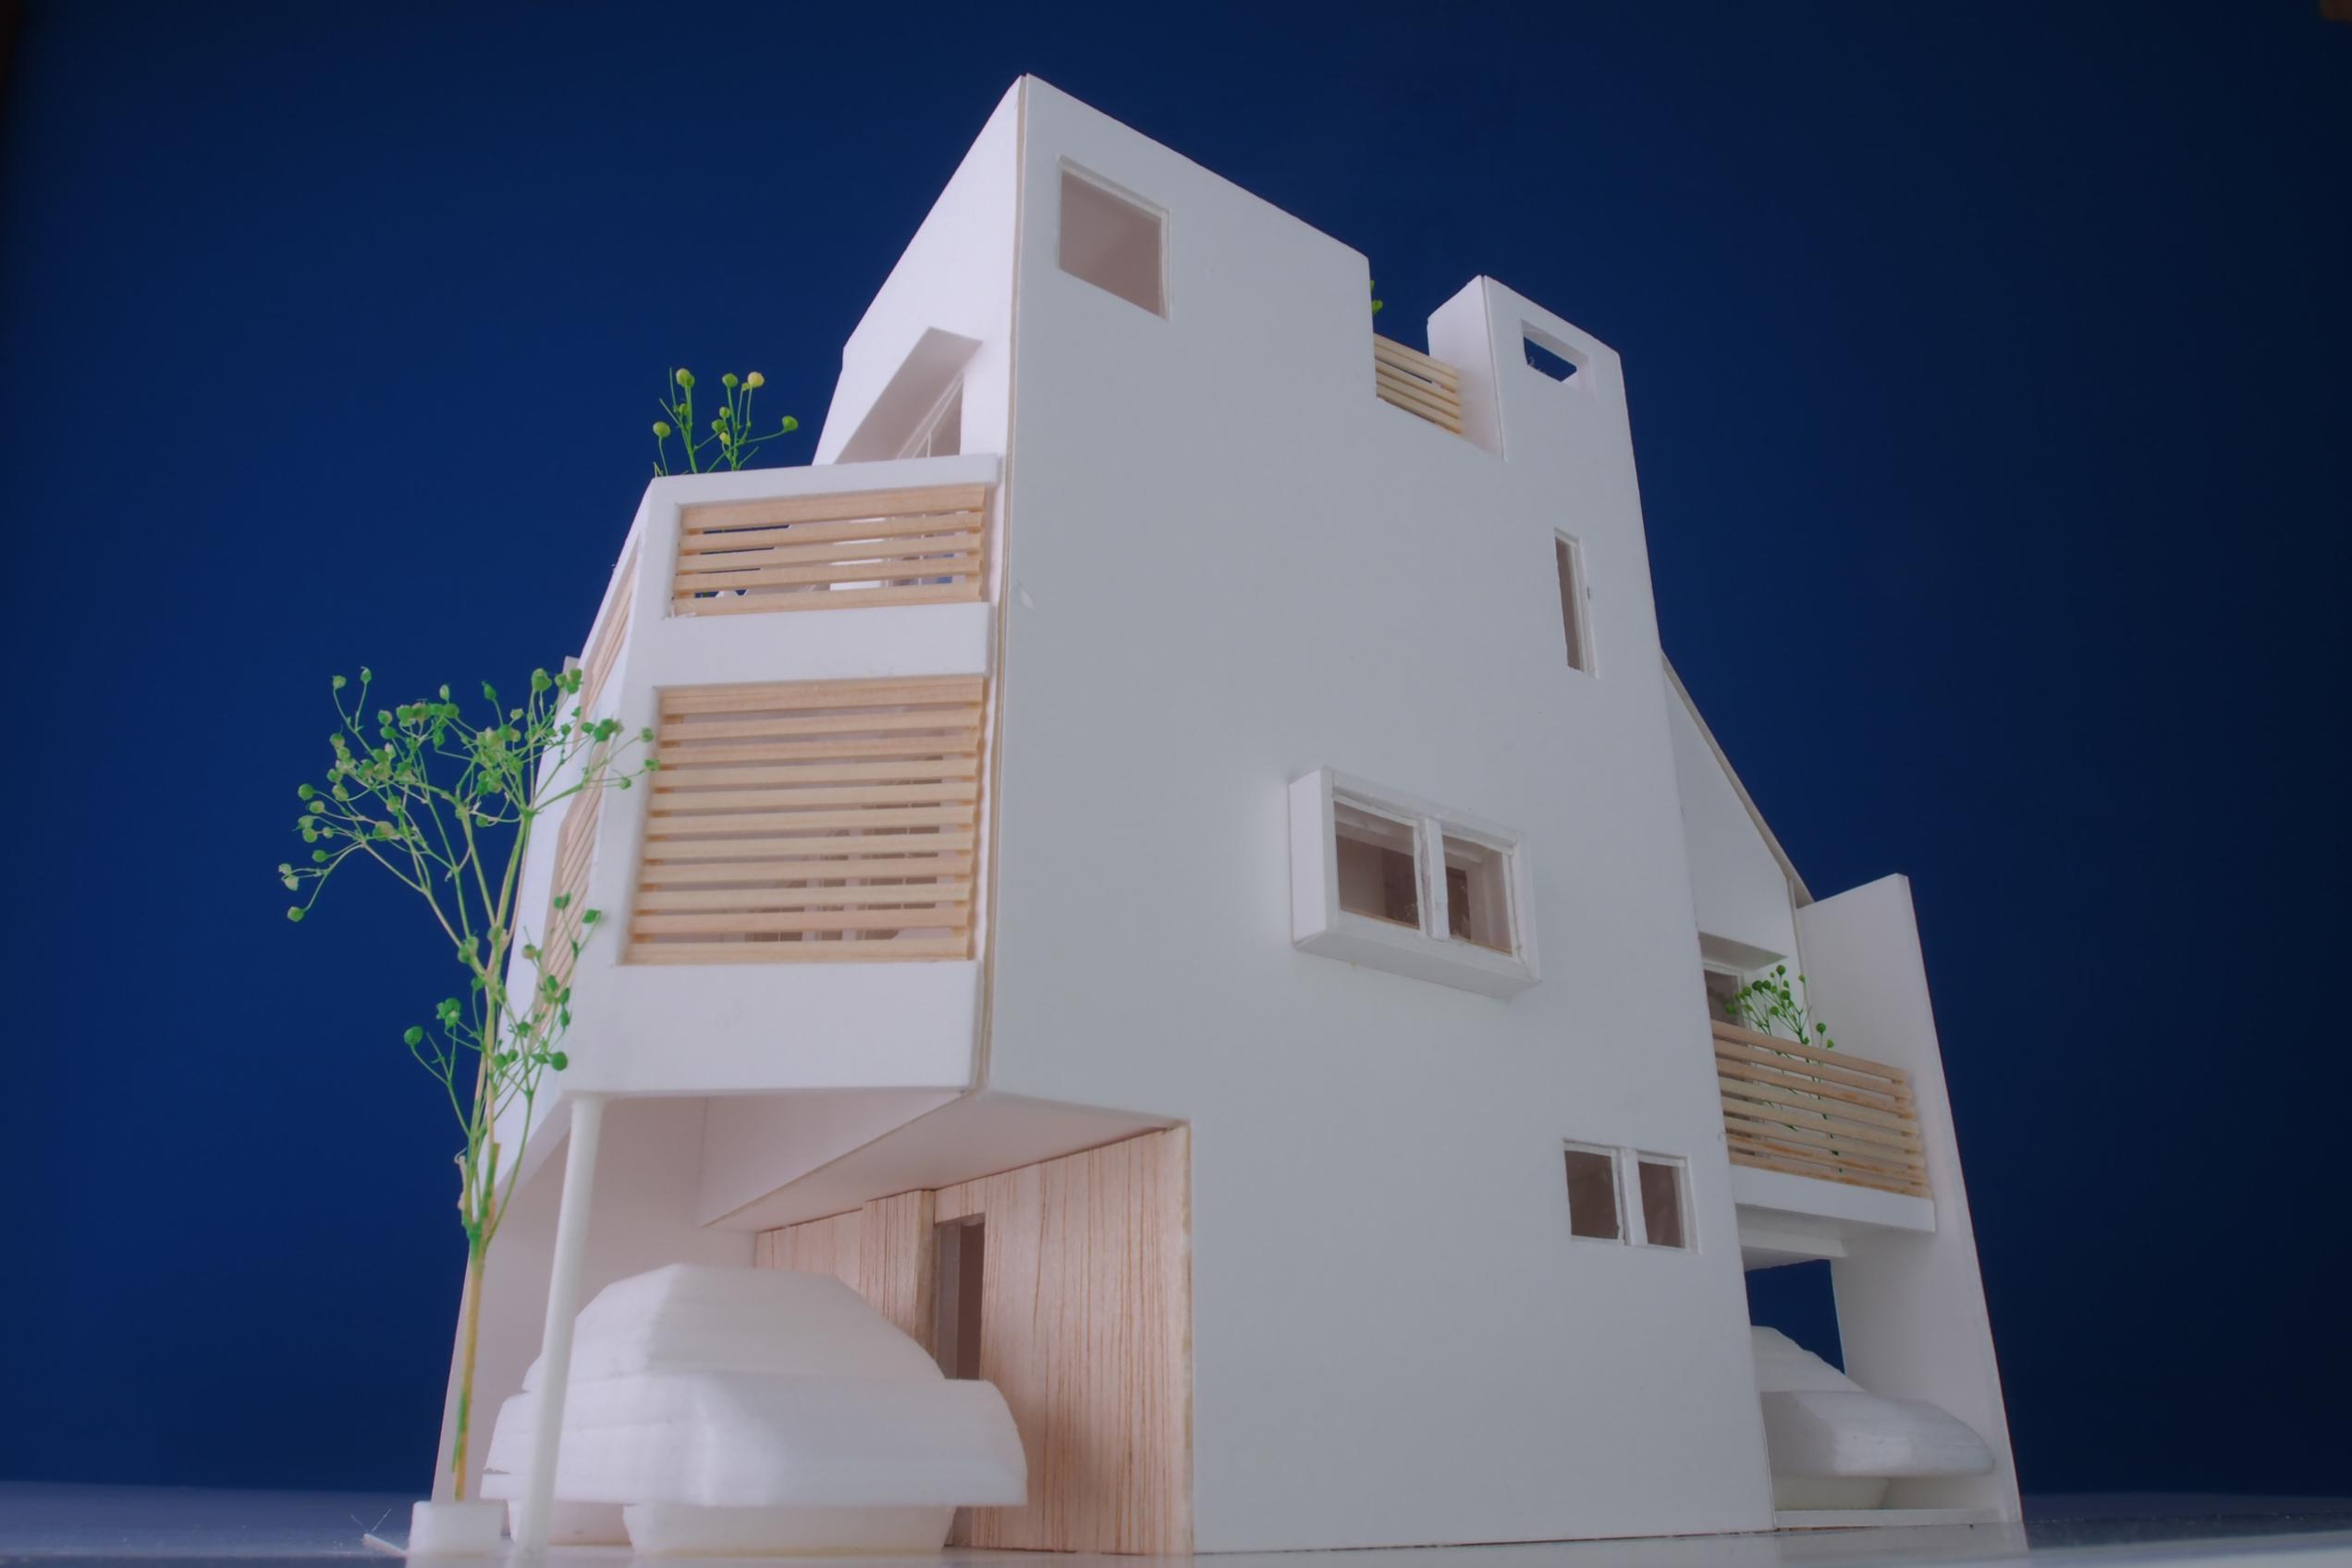 戸越の家 オープンハウス